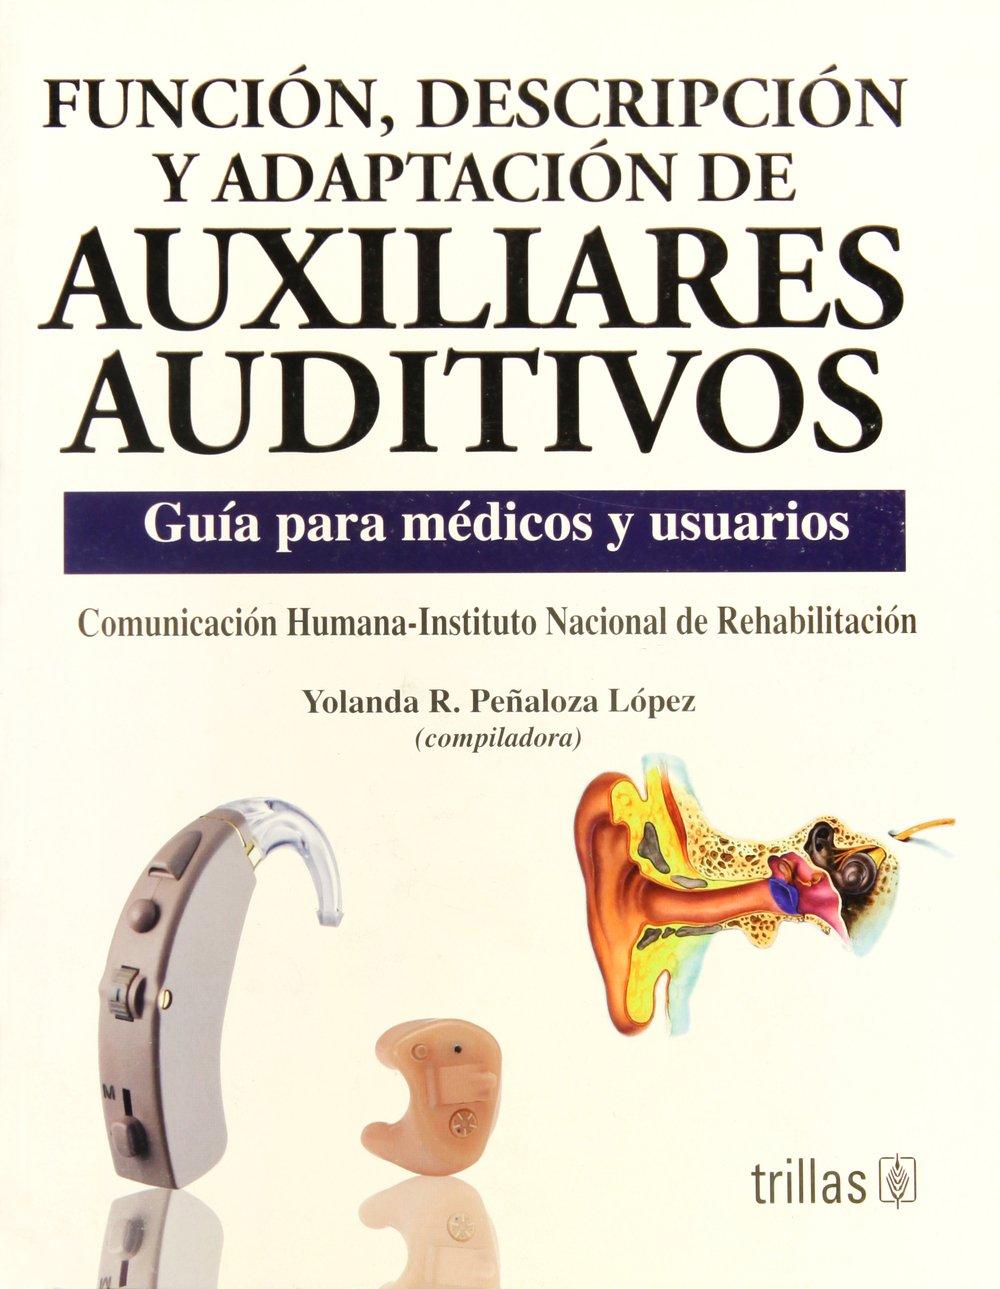 Read Online Funcion, Descripcion Y Adaptacion De Auxiliares Auditivos: Guia Para Medicos Y Usuarios (Spanish Edition) PDF